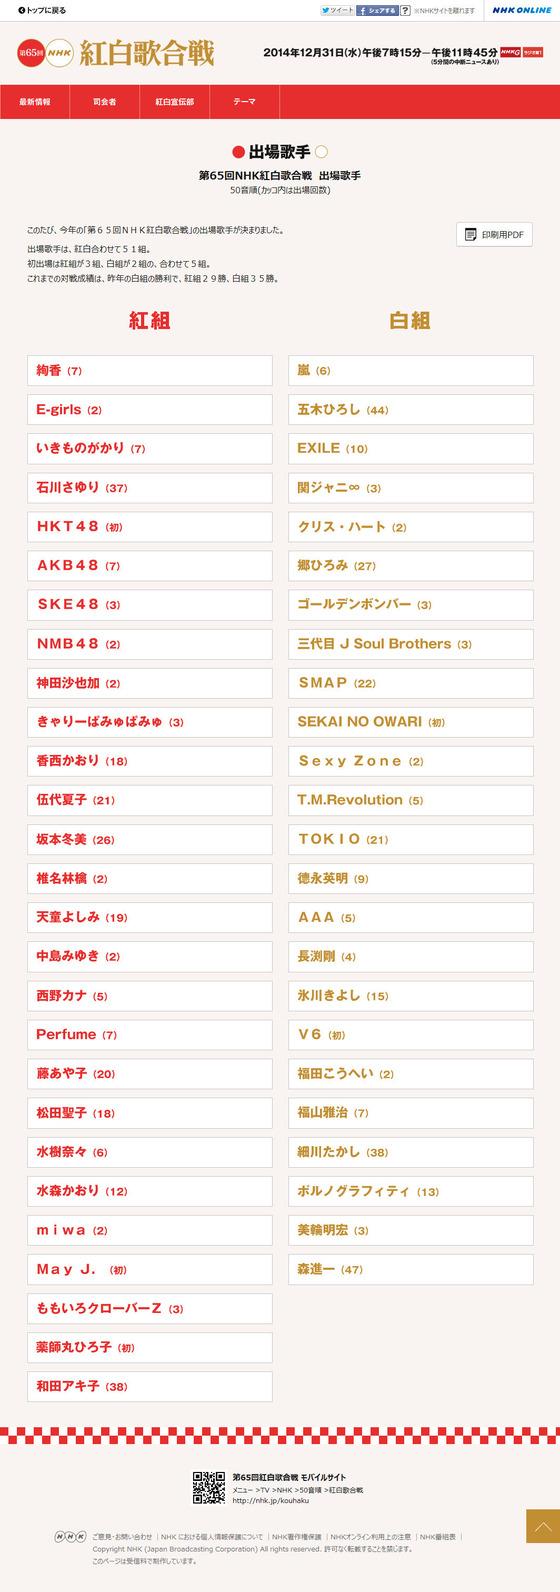 第65回NHK紅白歌合戦、出場歌手発表キターーーー!!!!!